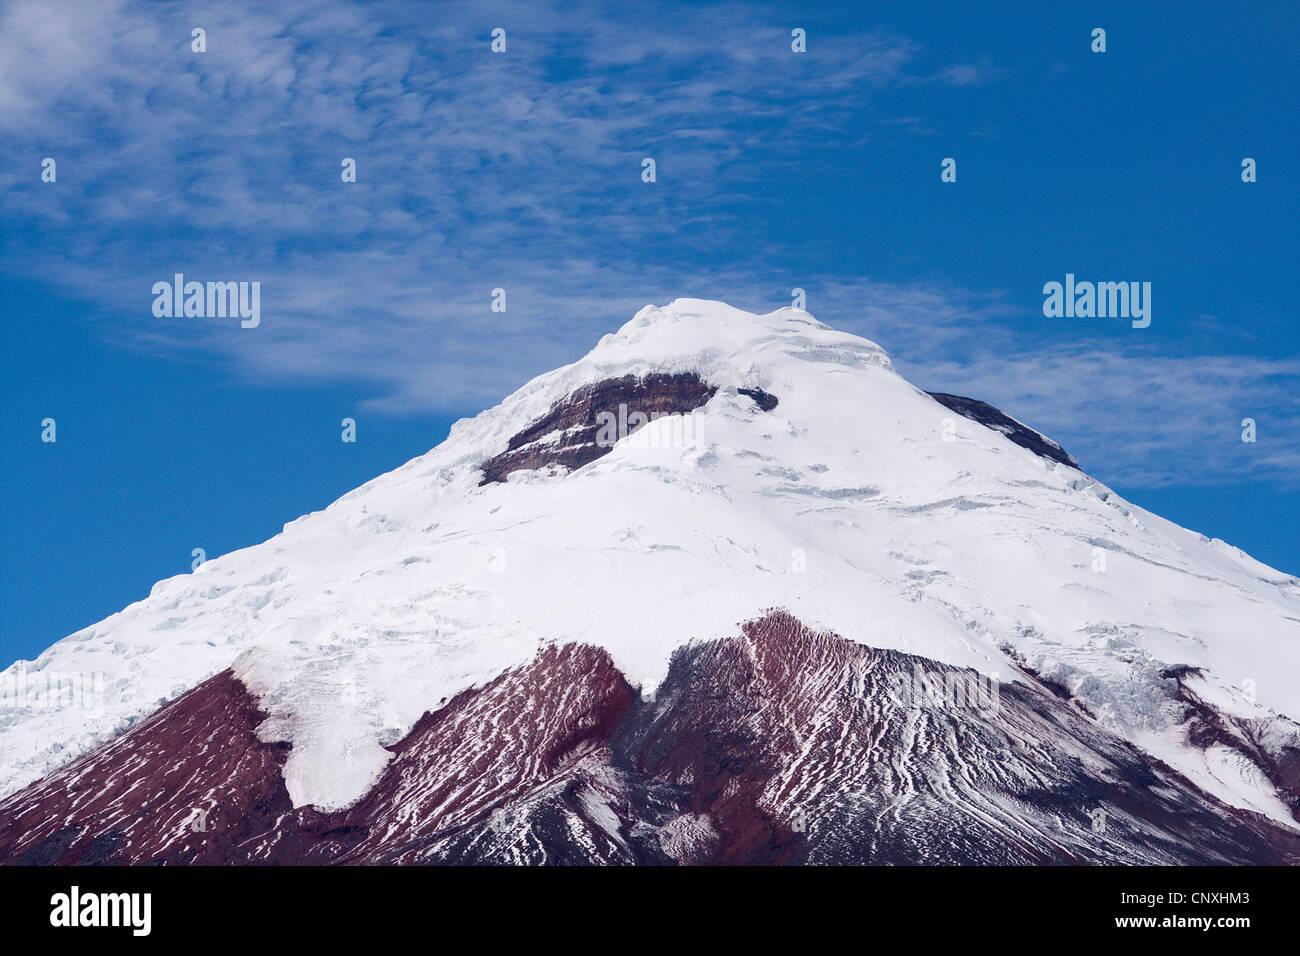 Gipfel des Cotopaxi Vulkan, Ecuador, Anden, Cotopaxi-Nationalpark Stockbild